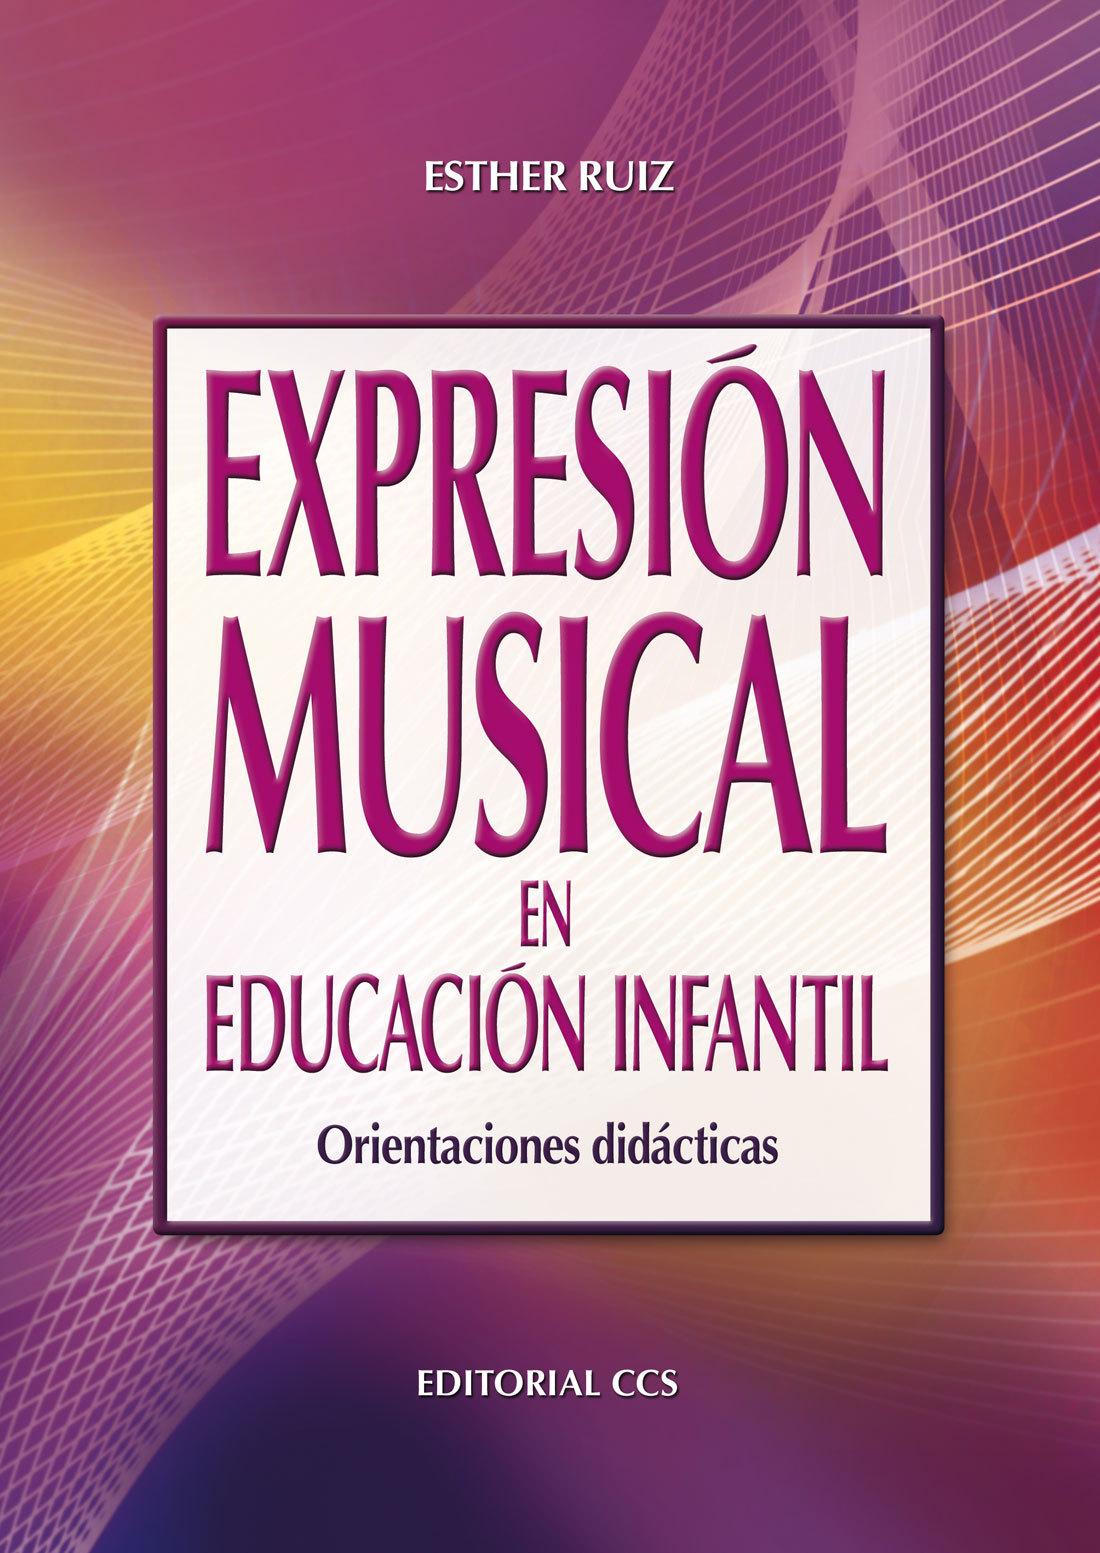 EXPRESIÓN MUSICAL EN EDUCACIÓN INFANTIL: ORIENTACIONES DIDÁCTICAS